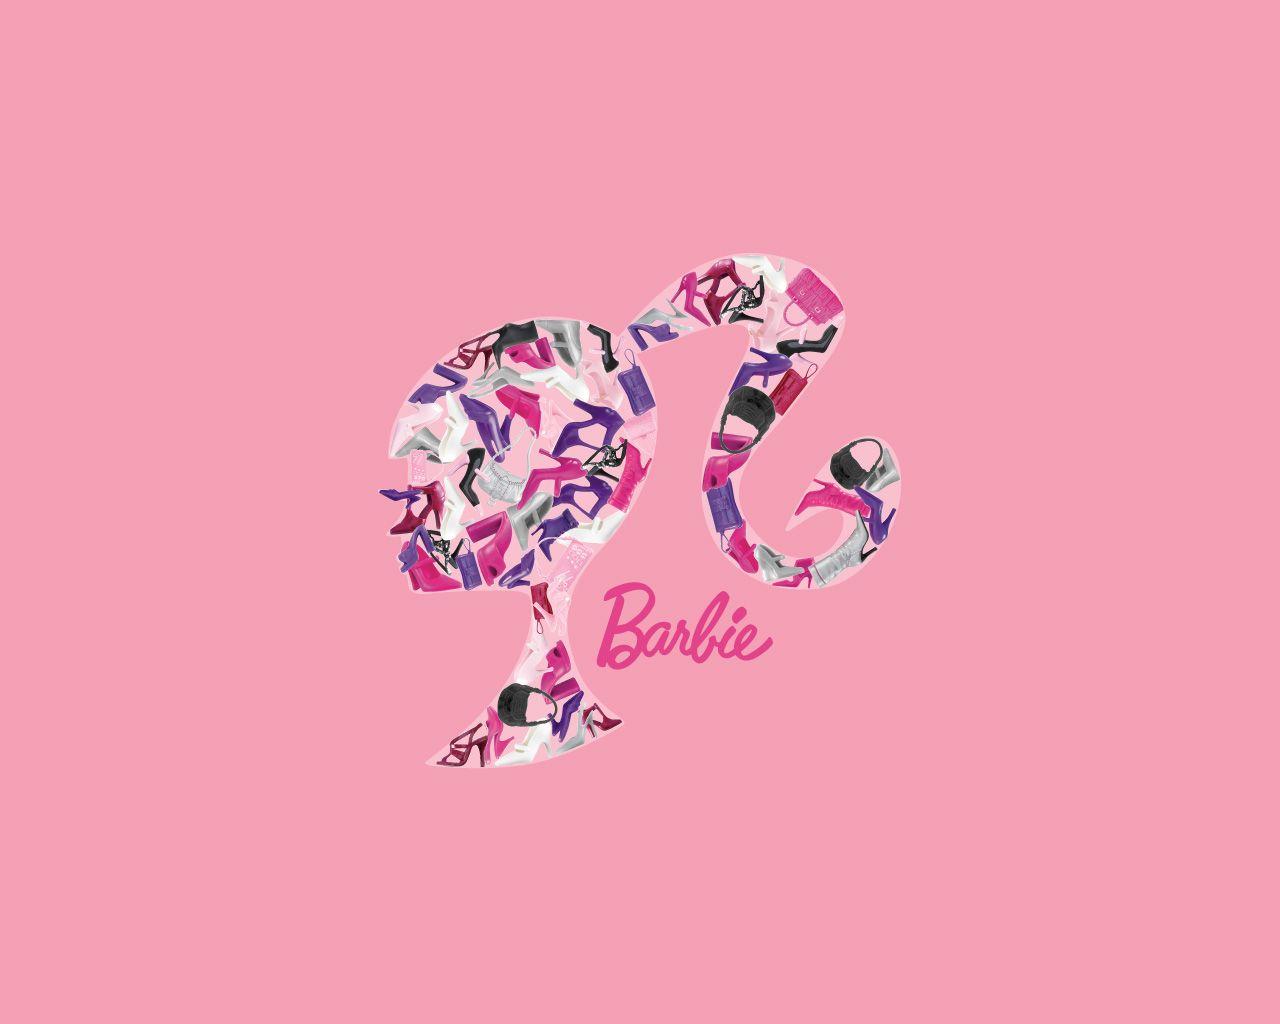 Barbie Wallpaper Barbie Barbie Drawing Barbie Logo Barbie Pink